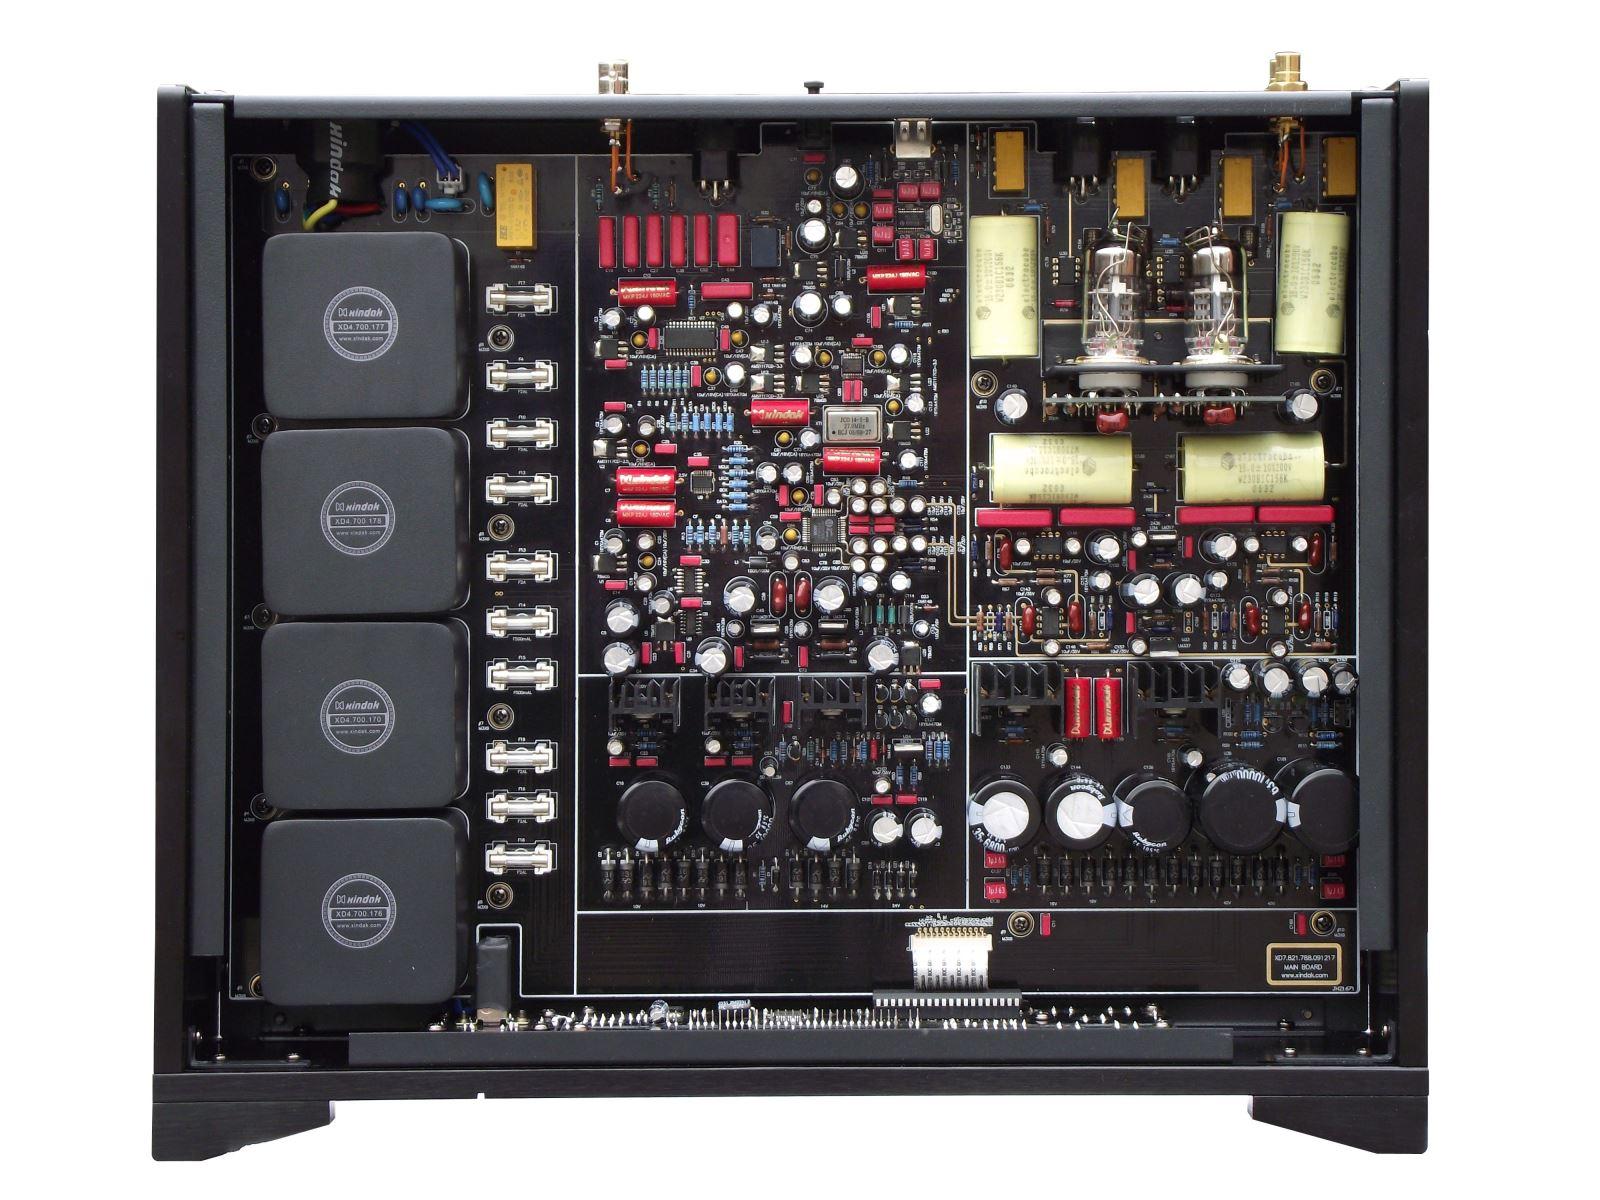 新德克 20 周年纪念版产品 DAC 是一台拥有32 Bit DAC 芯片的高性能音频解码器,采用来自AKM的AK4397 Delta-Sigma D/A转换 IC。此IC拥有强大的32 Bit处理能力,使D/A转换能力更加精确,有助于更高品质的音乐信号重现。 电源系统:本机采用4个新德克特制低漏磁电源变压器,多达24组独立的电源供应单元,以降低不同电路系统之间的干扰和交越失真。 可选择的音频处理模式:本机可将普通CD唱机输出的44.